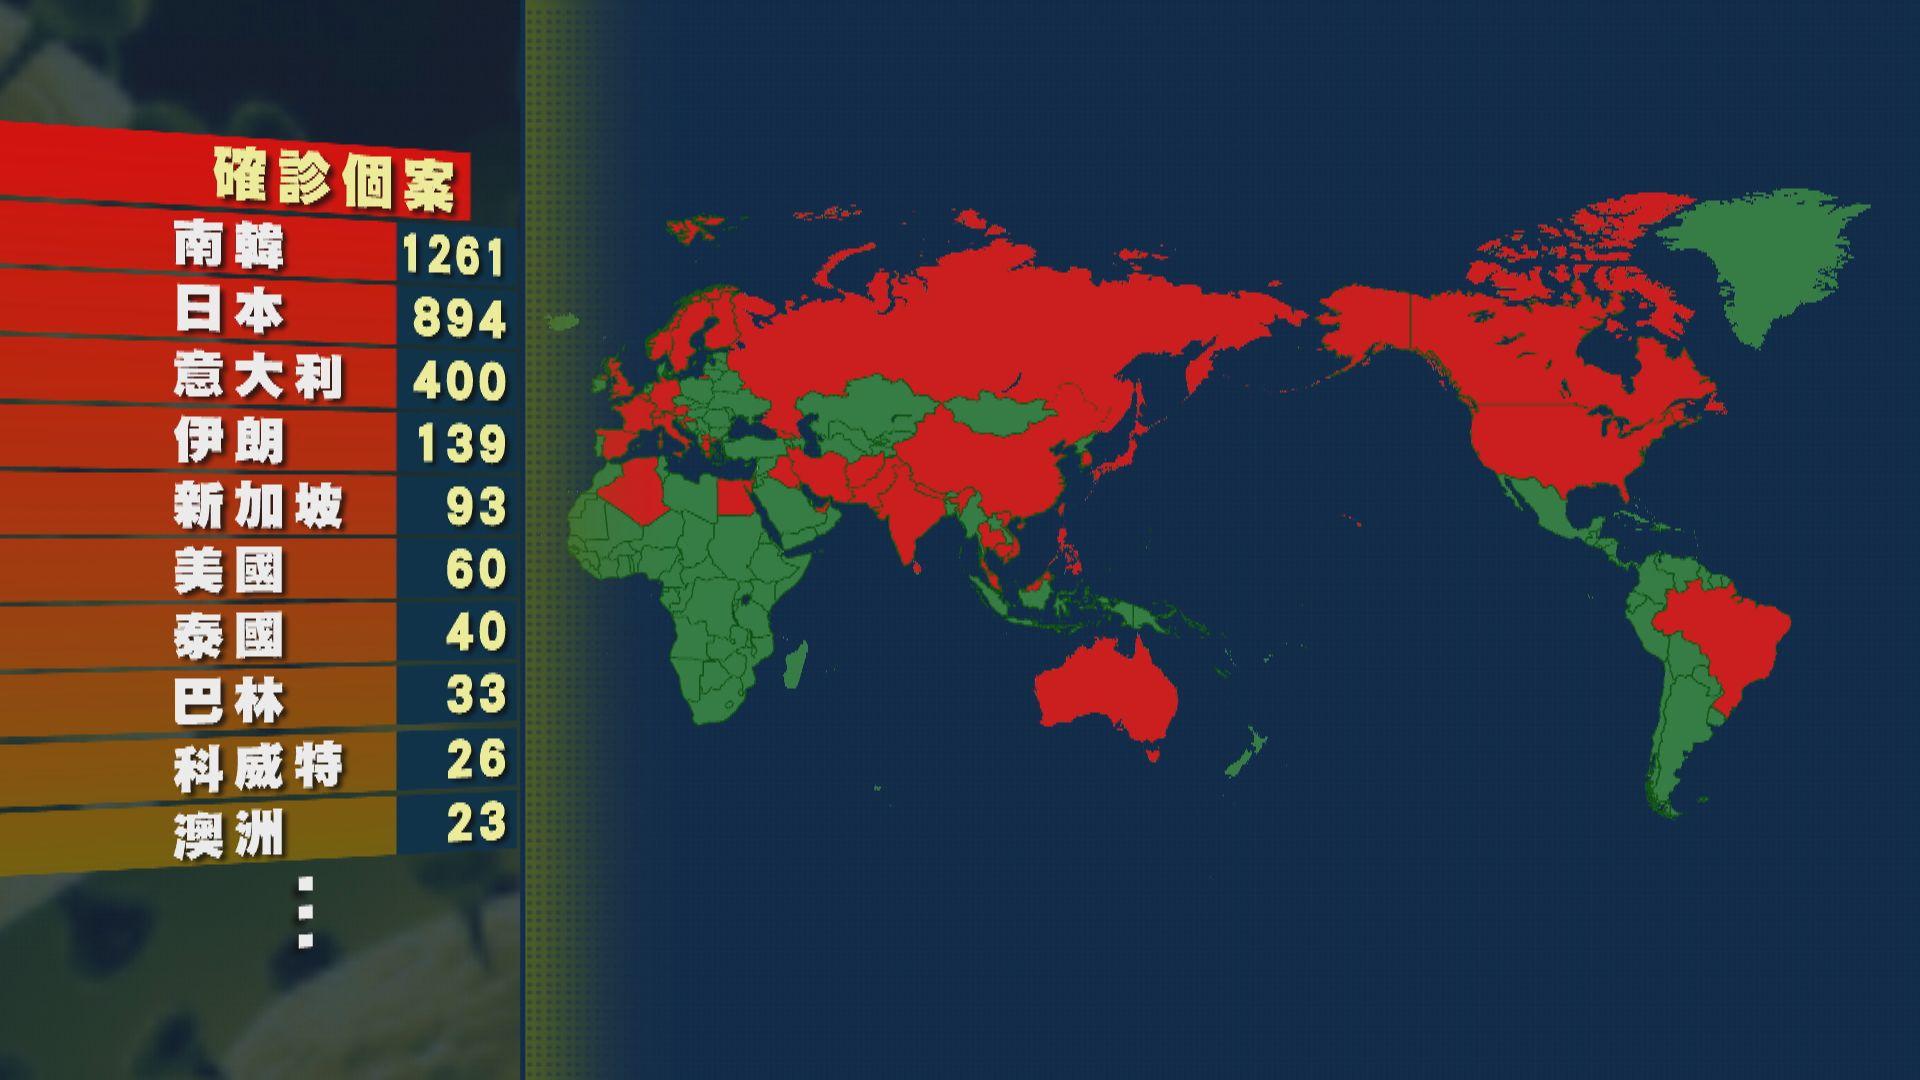 新型冠狀病毒 意大利確診病例增至400宗12死